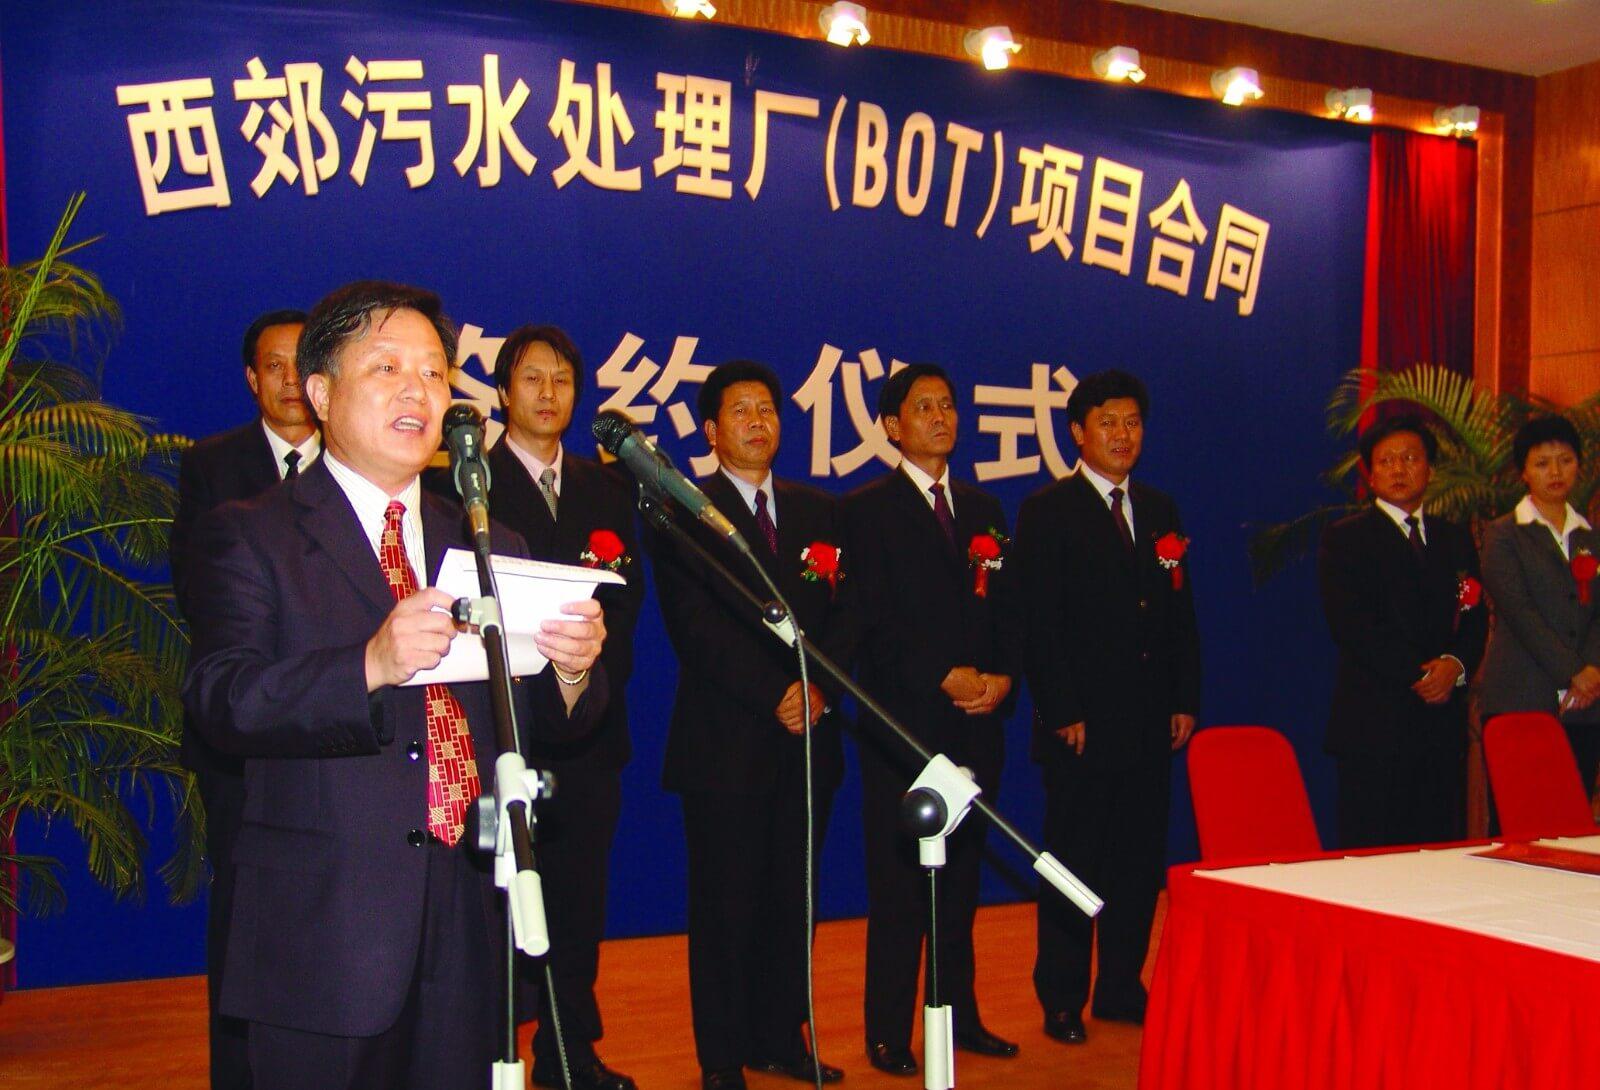 2005年陕西西郊污水厂BOT签约仪式.jpg